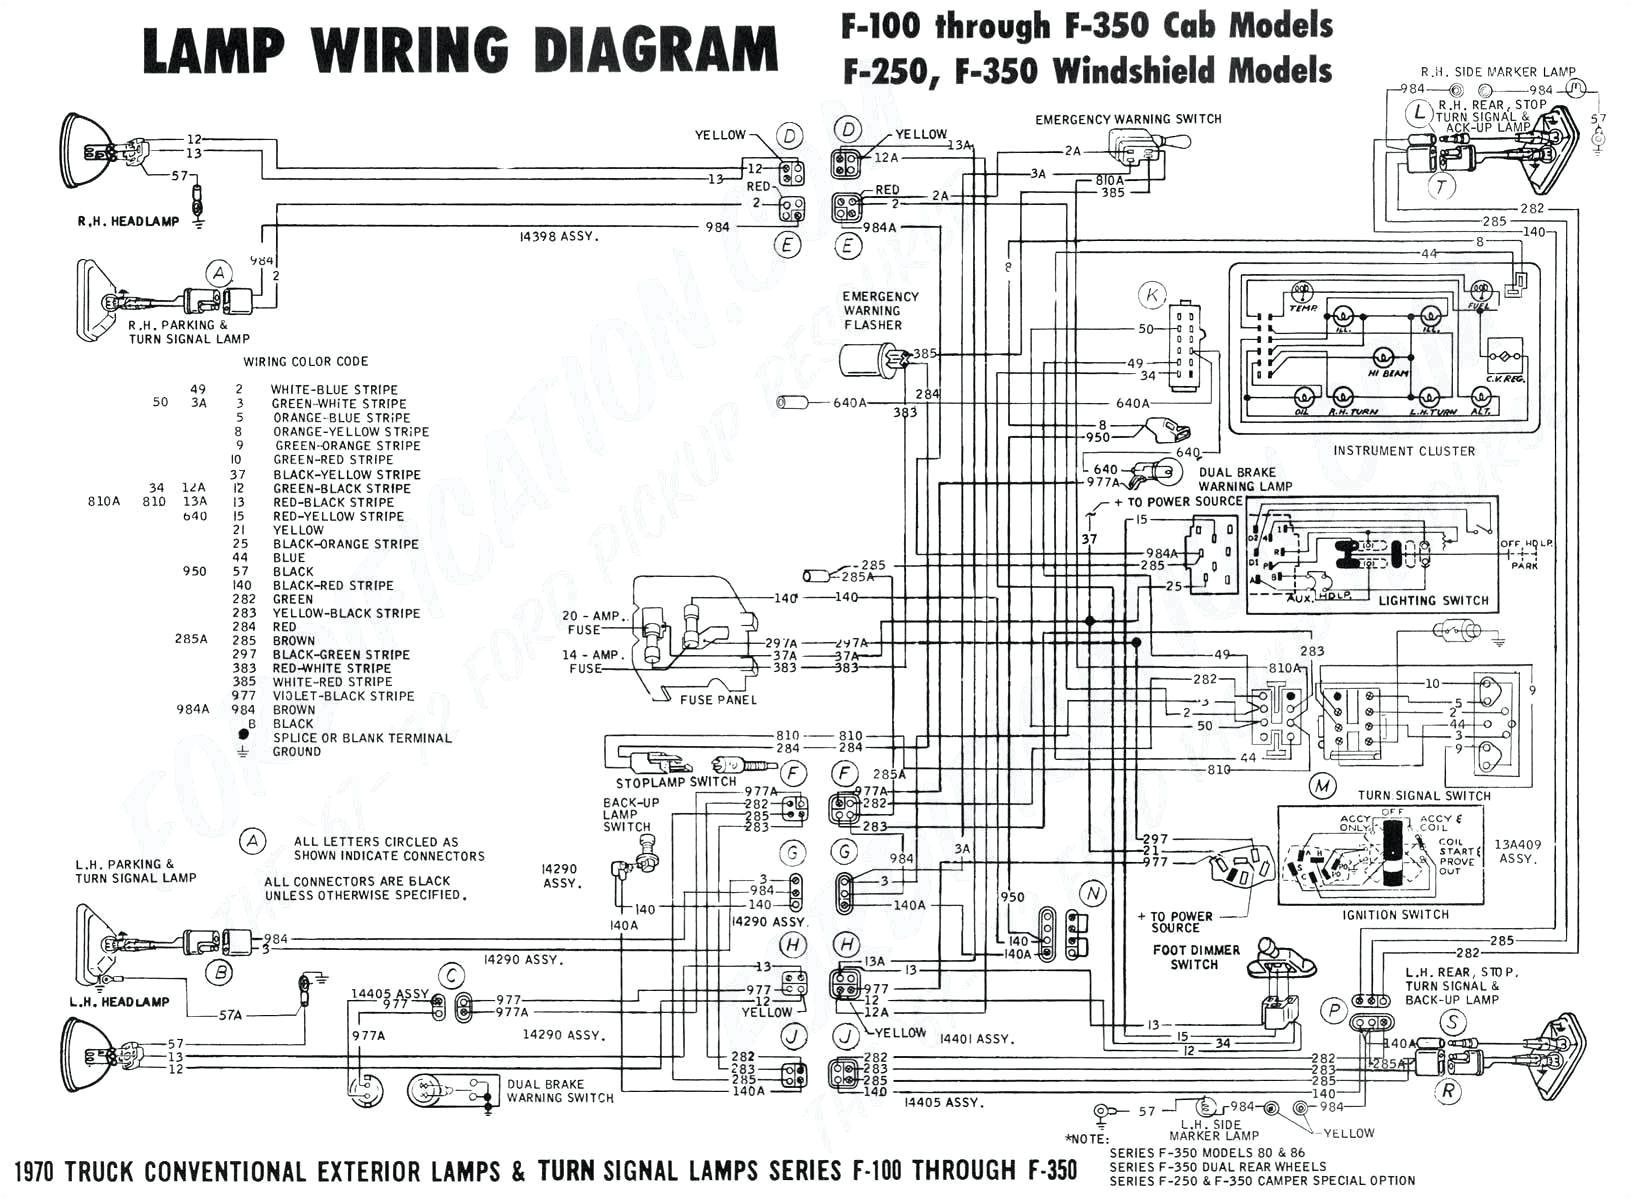 2000 blazer lighting wiring diagram wiring diagrams terms 2000 blazer lighting wiring diagram wiring diagram inside